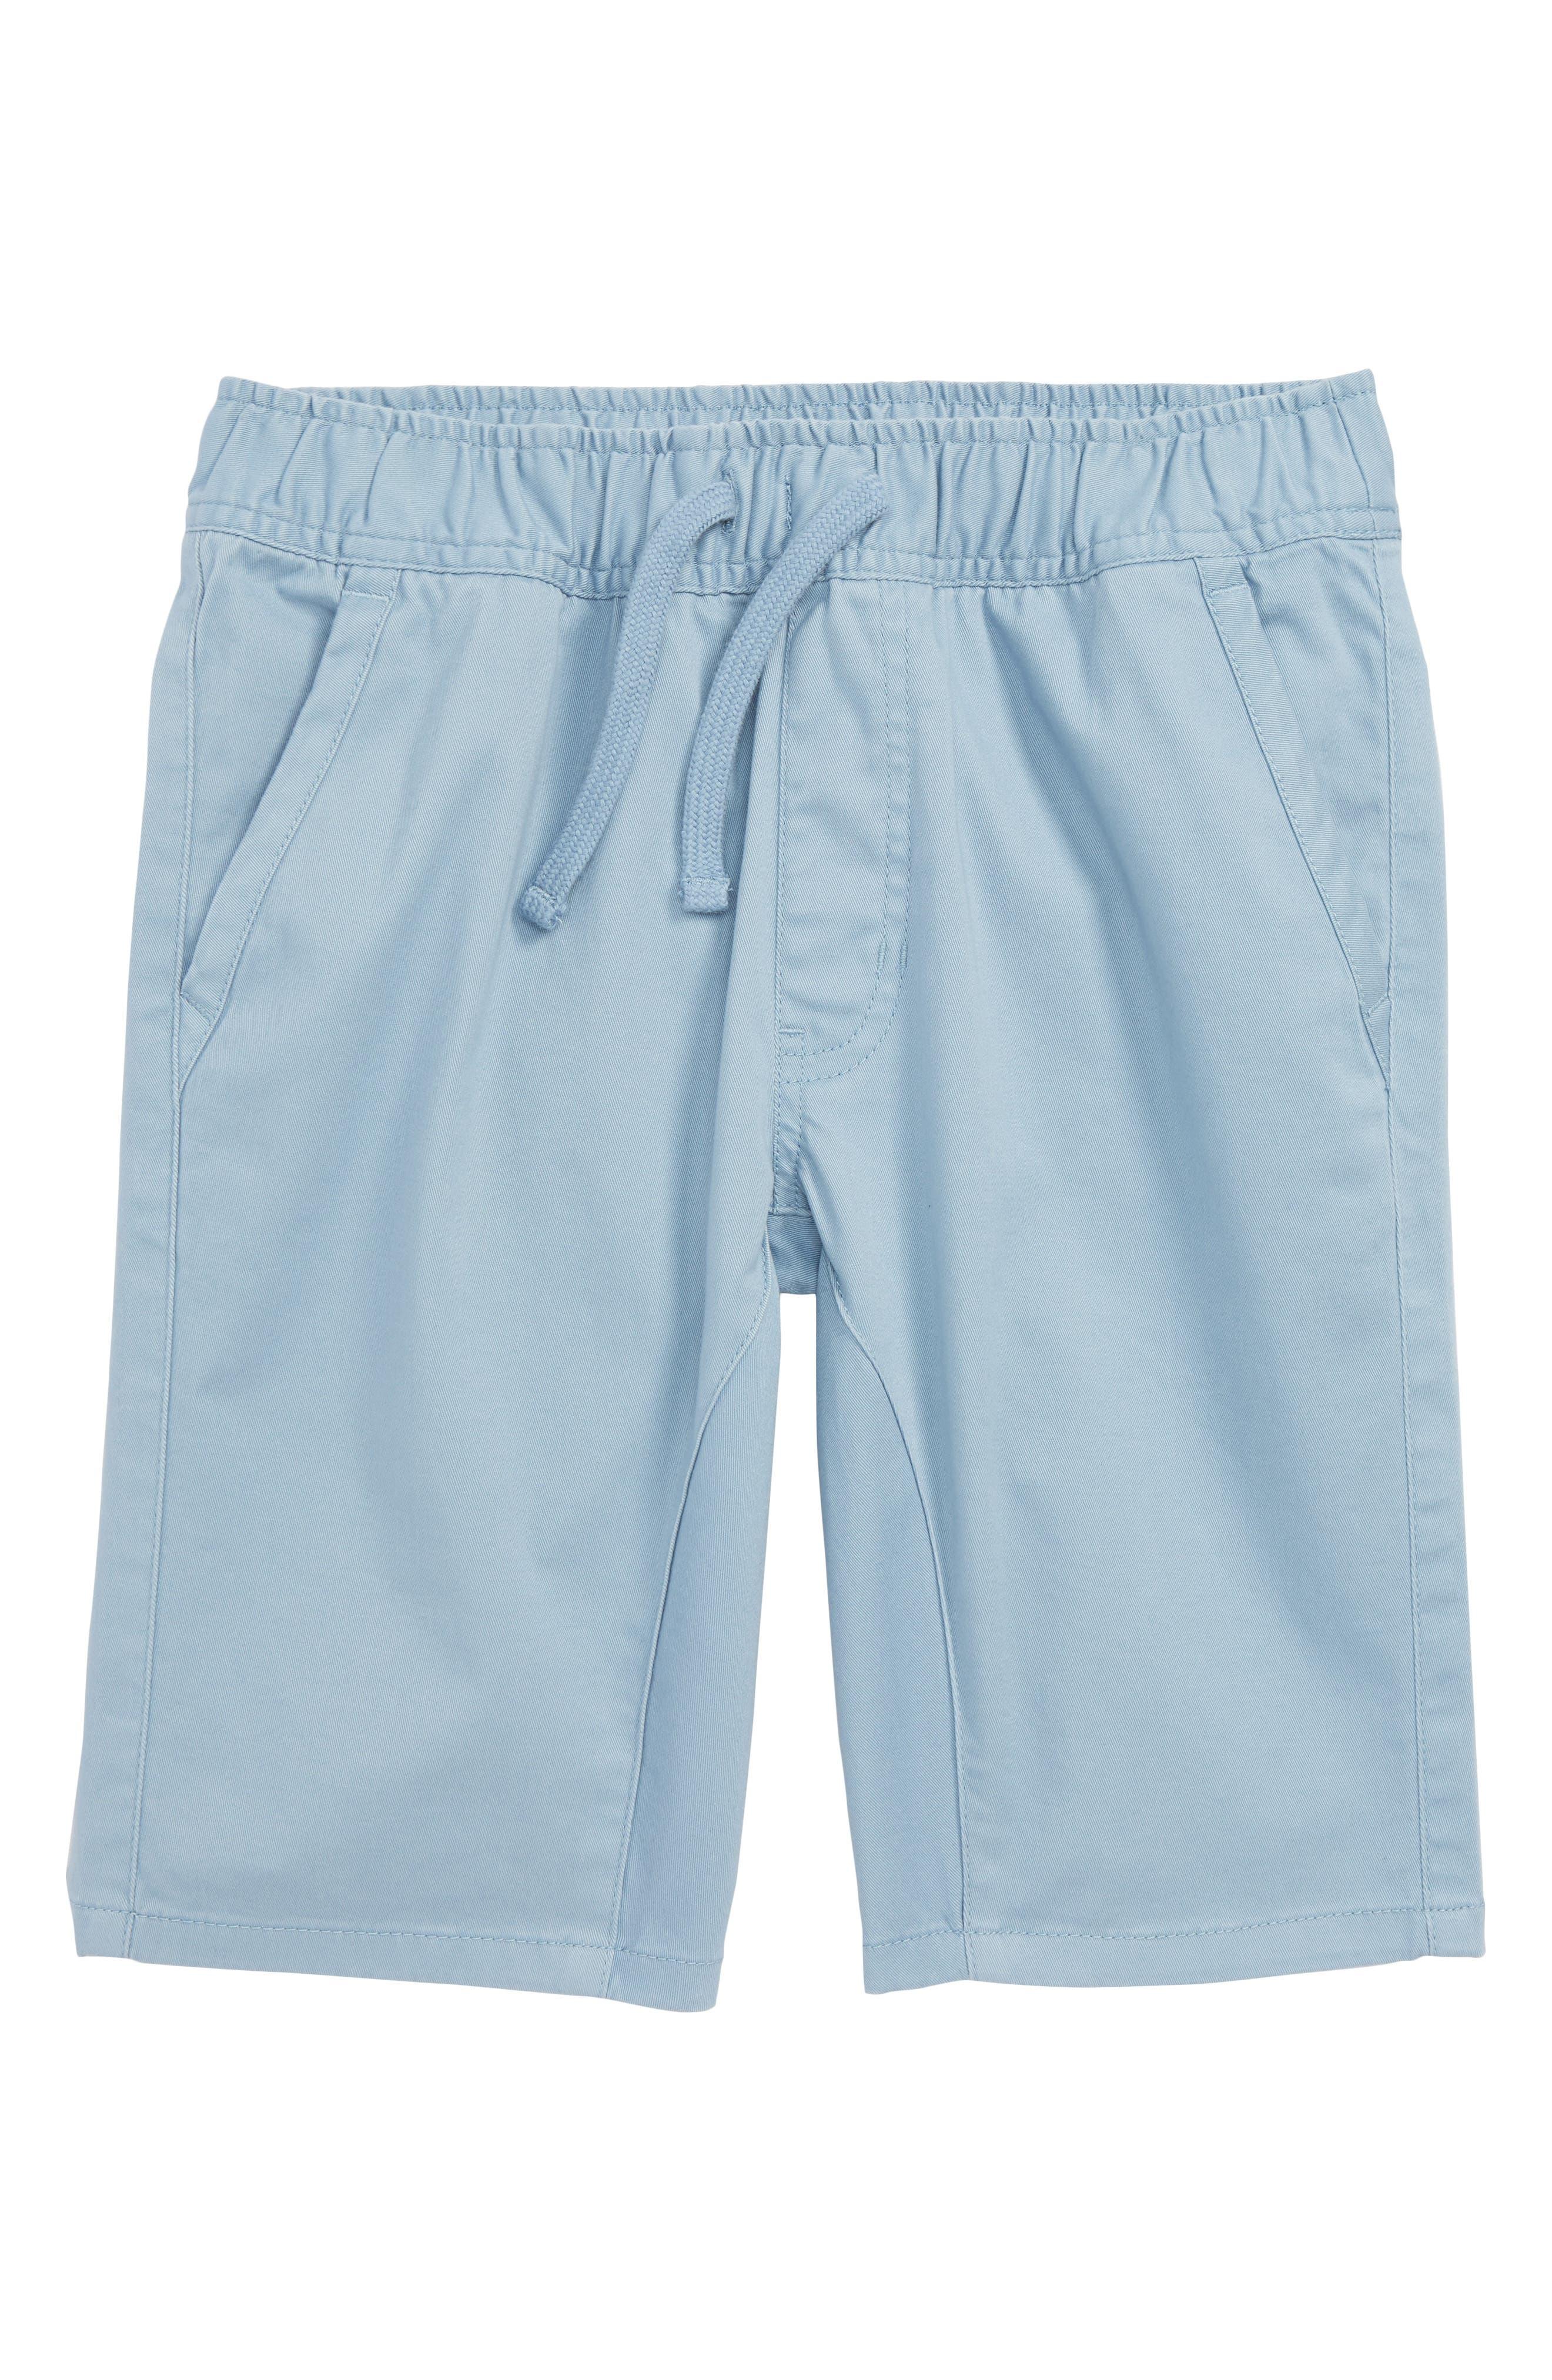 Knit Shorts,                             Main thumbnail 1, color,                             Blue Chambray